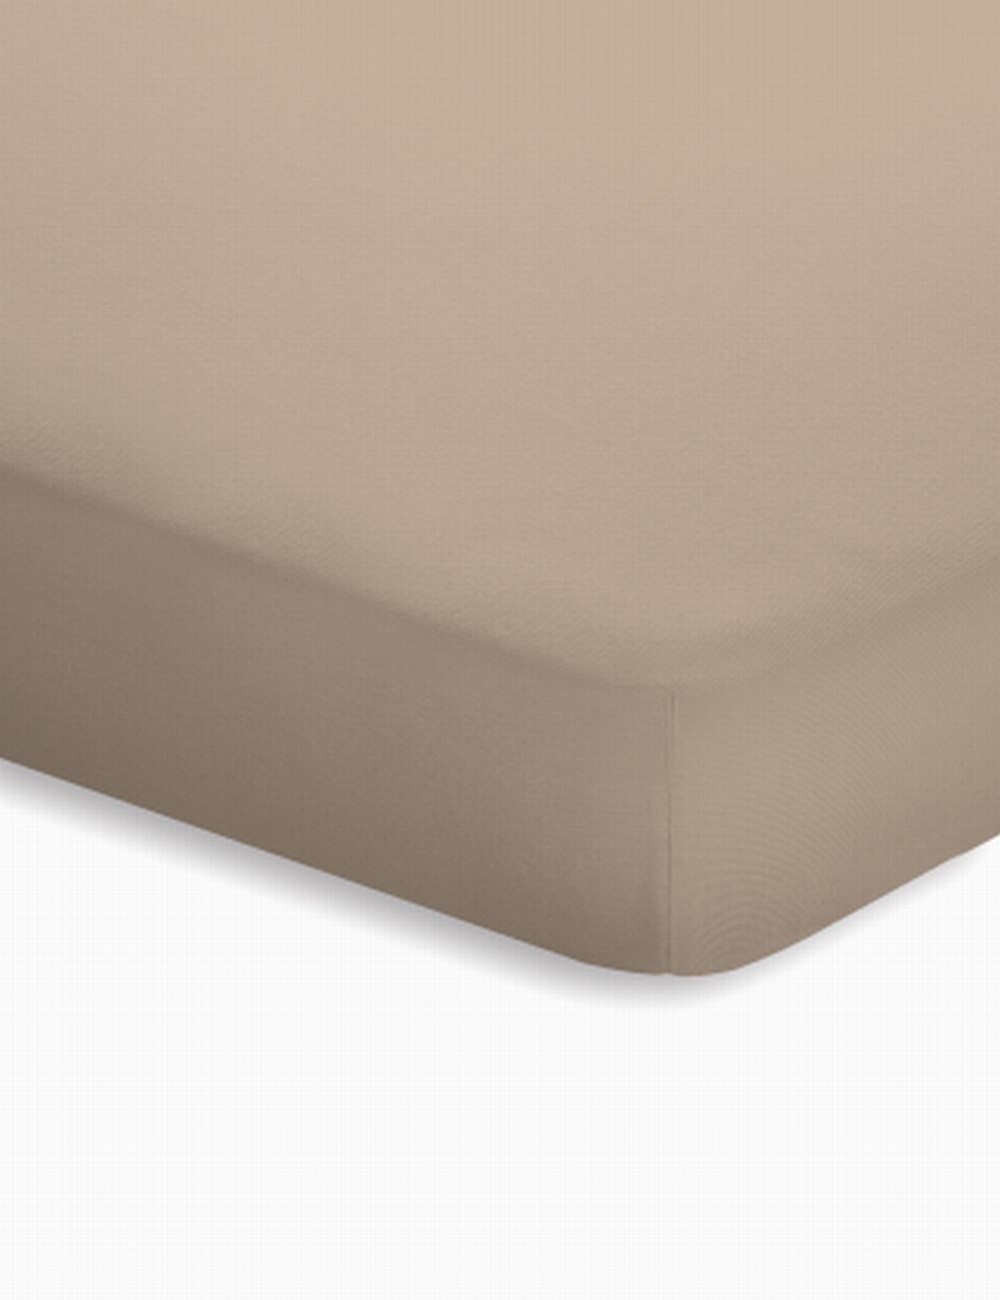 schlafgut jersey elasthan split topper spannbettlaken. Black Bedroom Furniture Sets. Home Design Ideas